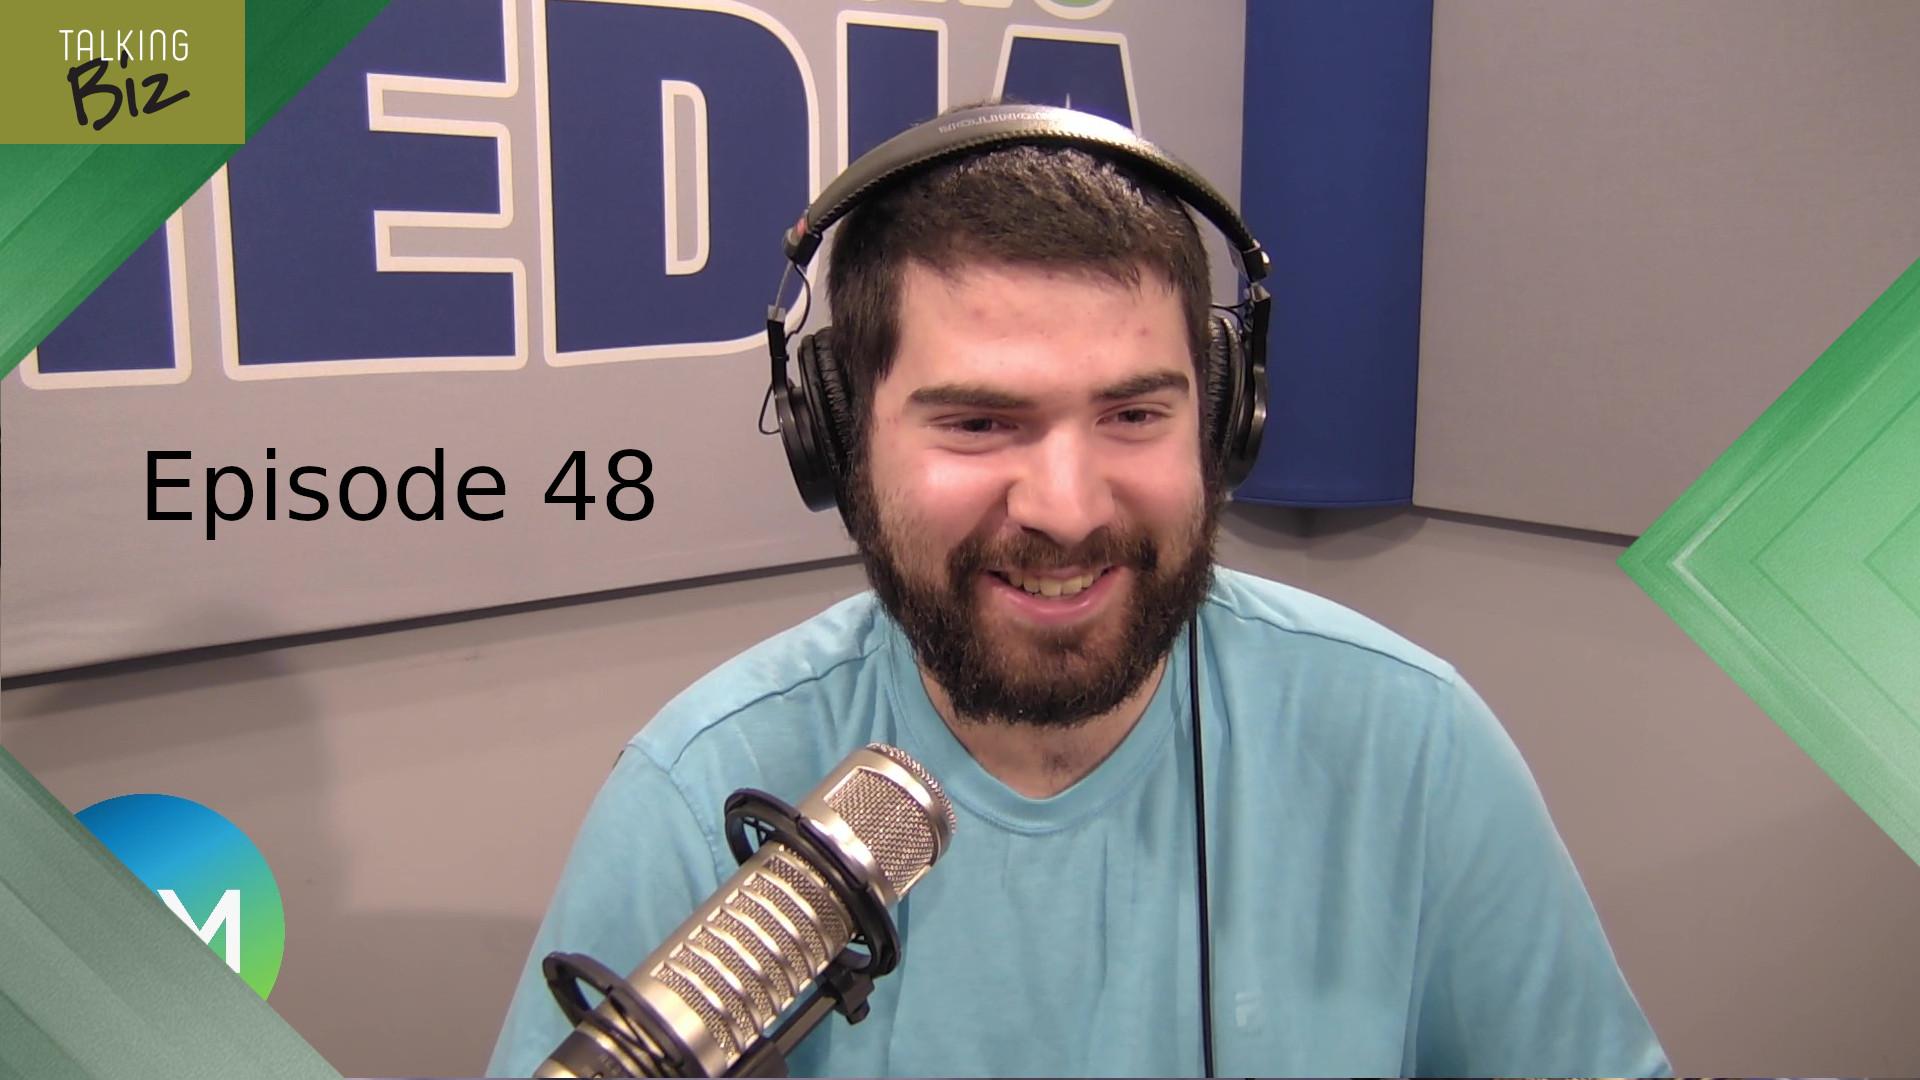 Talking Biz - Episode 48